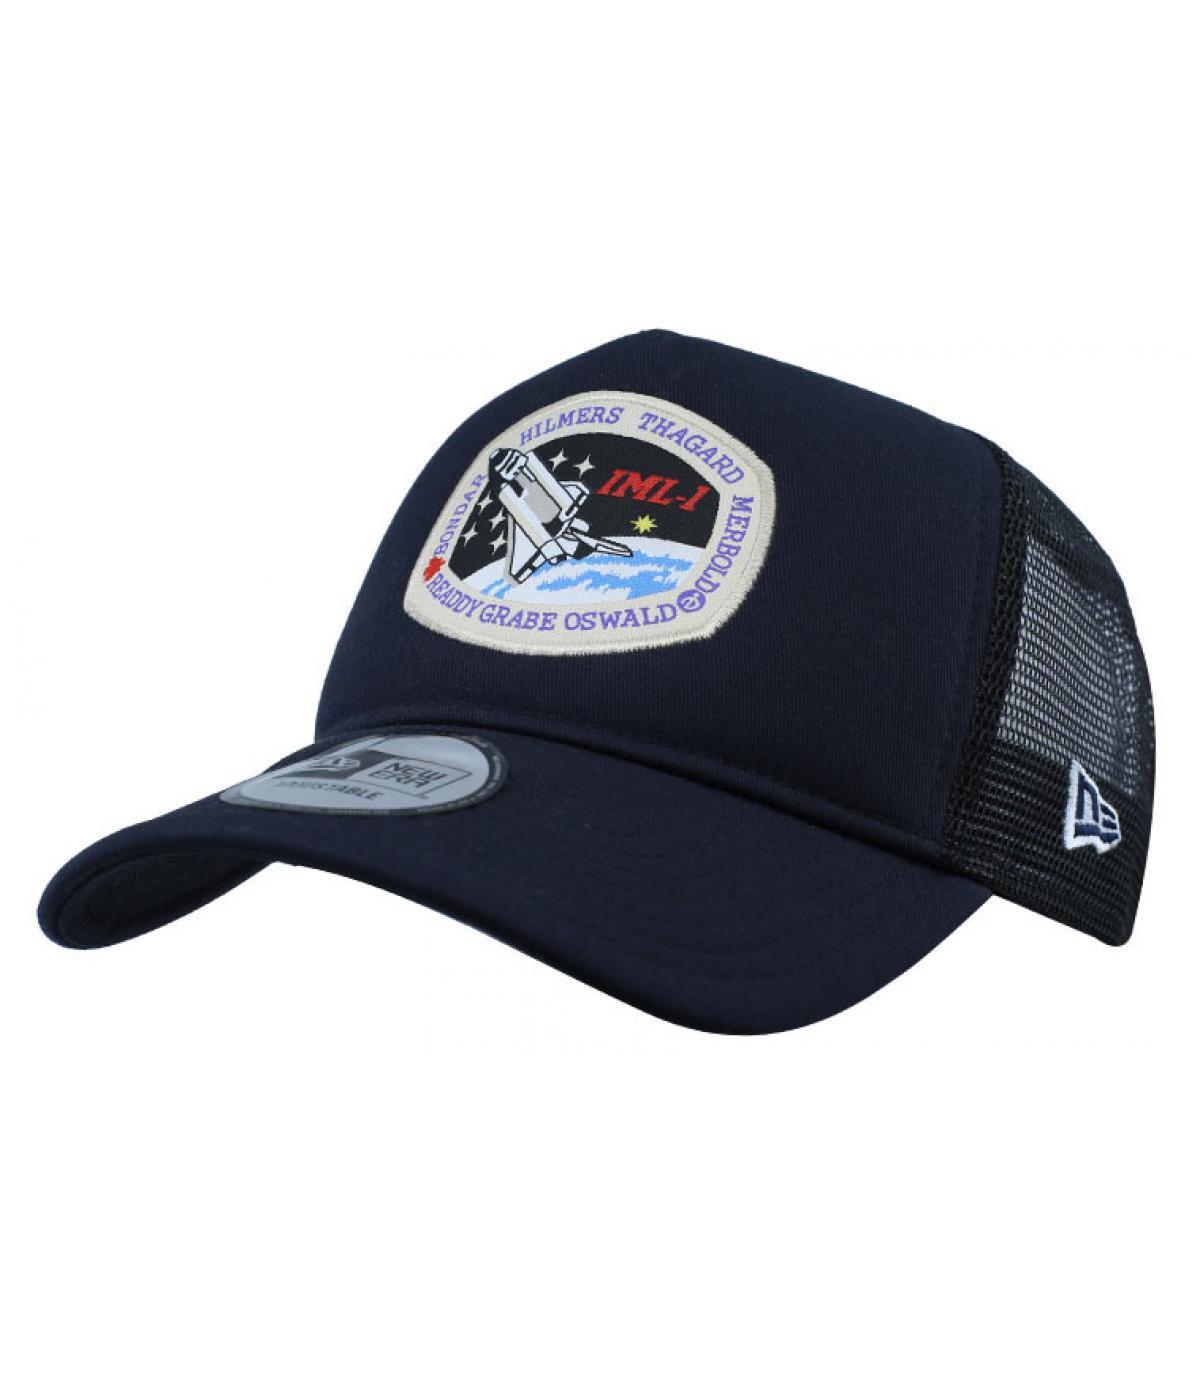 Detalles Trucker ISA navy imagen 2